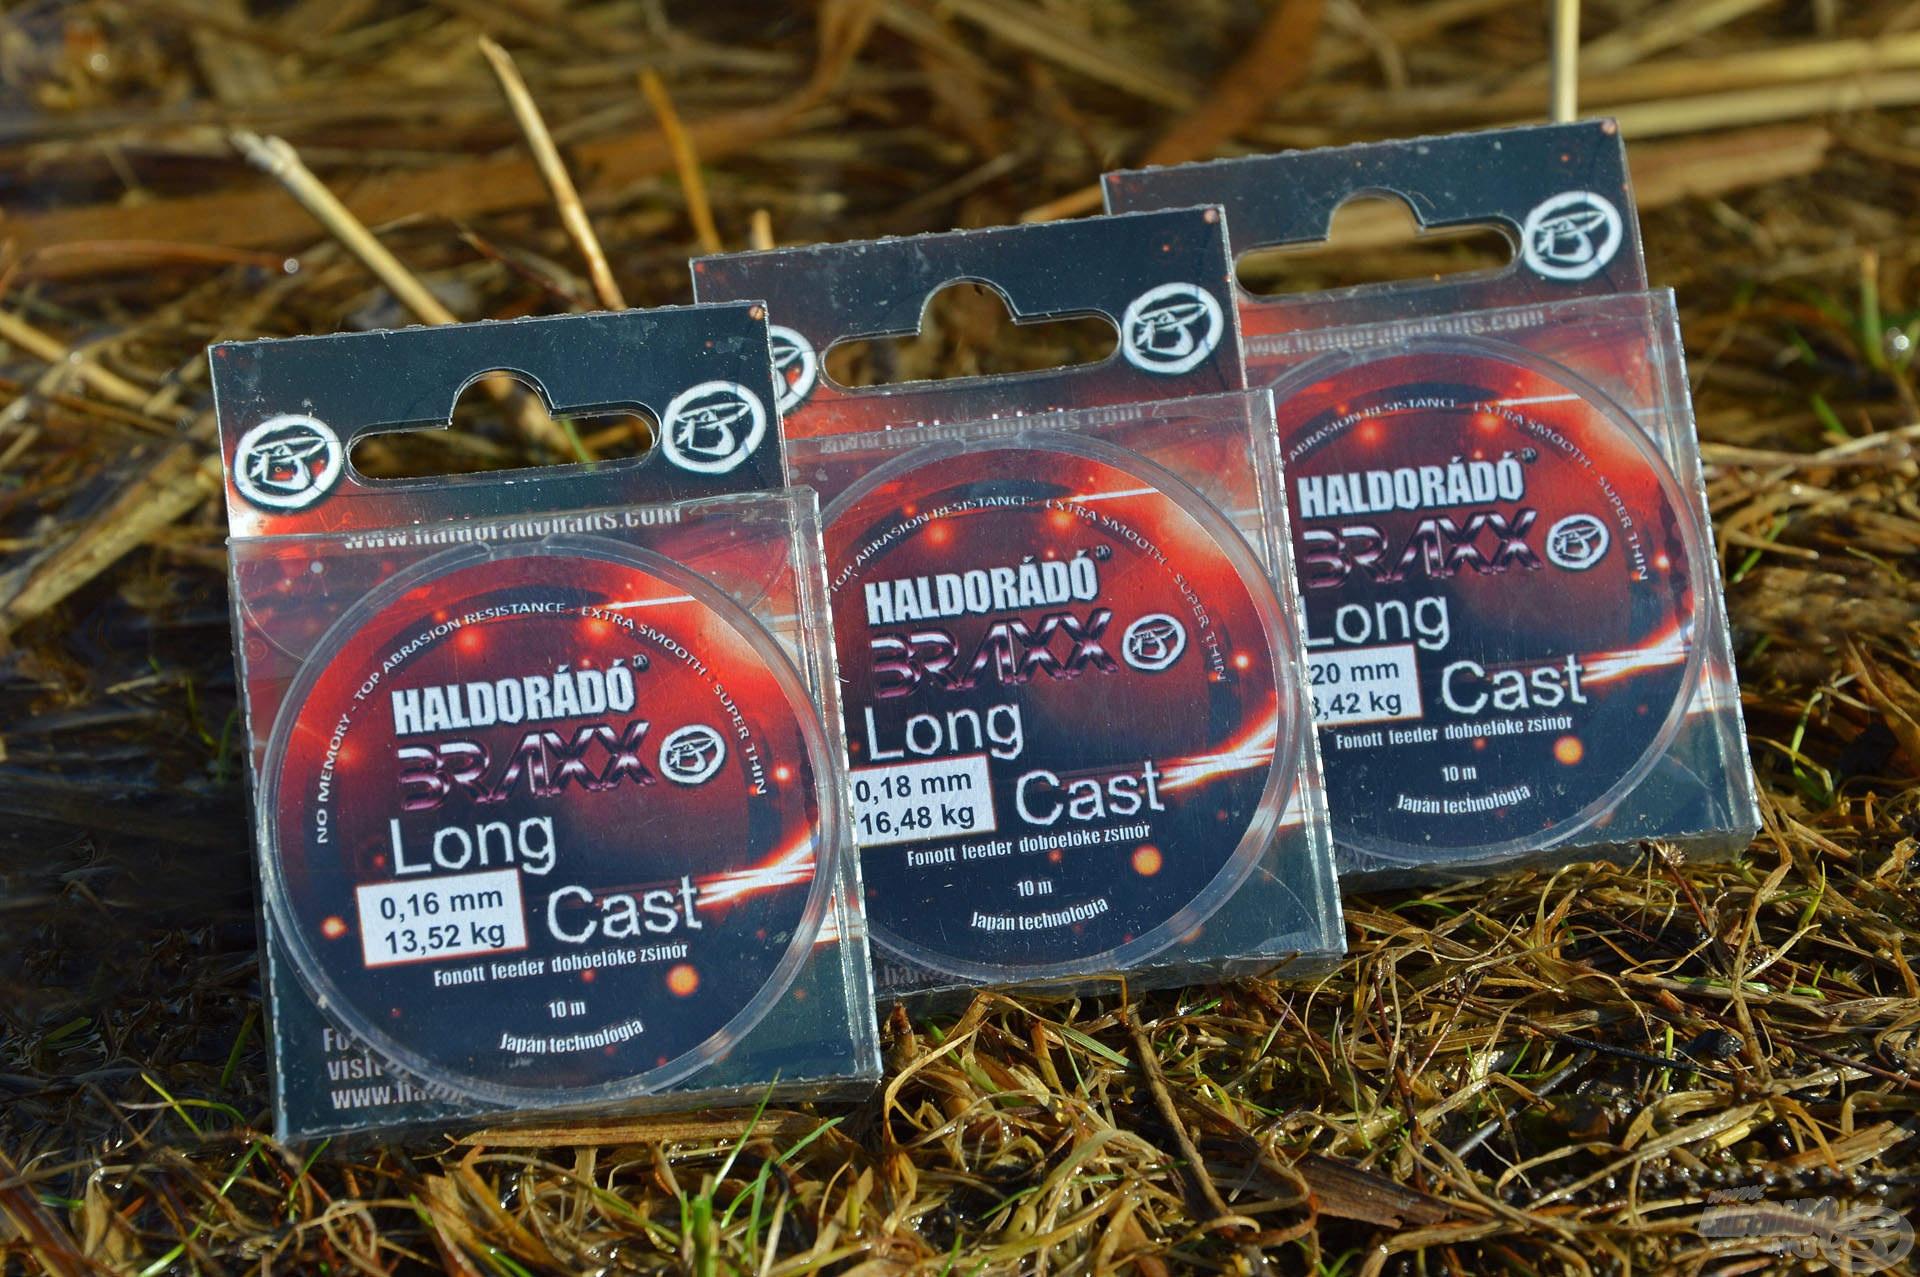 A Haldorádó Braxx Long Cast egy kifejezetten feederbotos horgászathoz kifejlesztett fonott, bevonatos dobóelőke zsinór